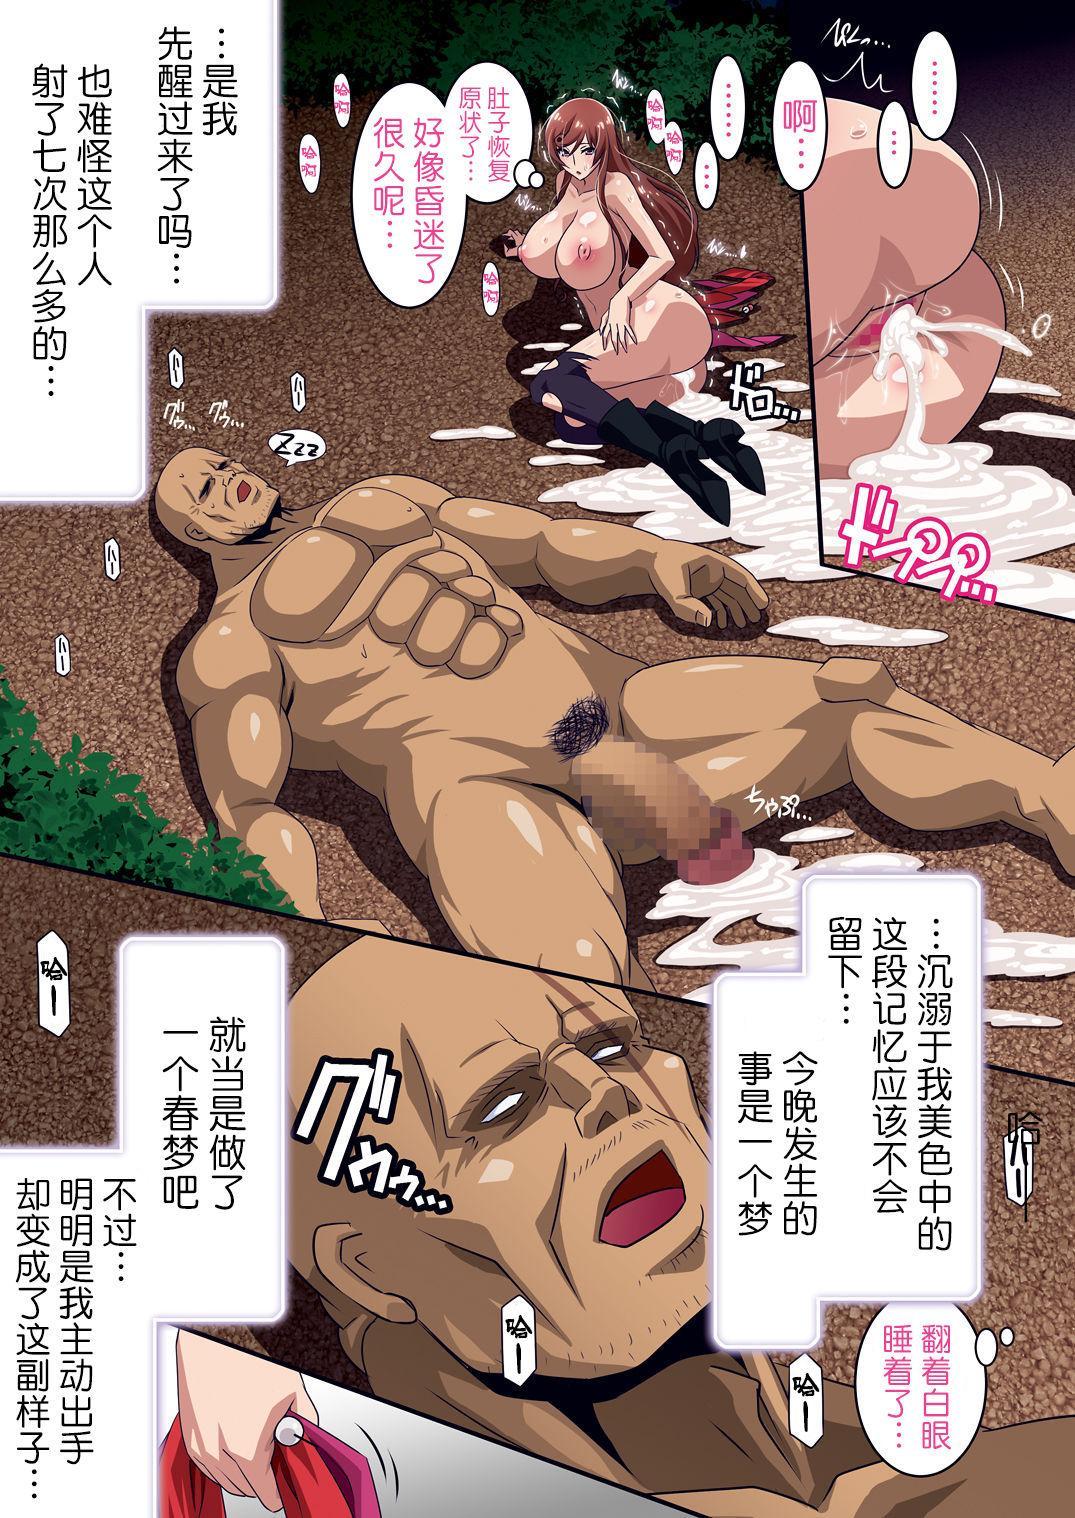 Nee-san vs Chougokubuto Yuugiri Tai Takeo Gekka no Koubousen 34